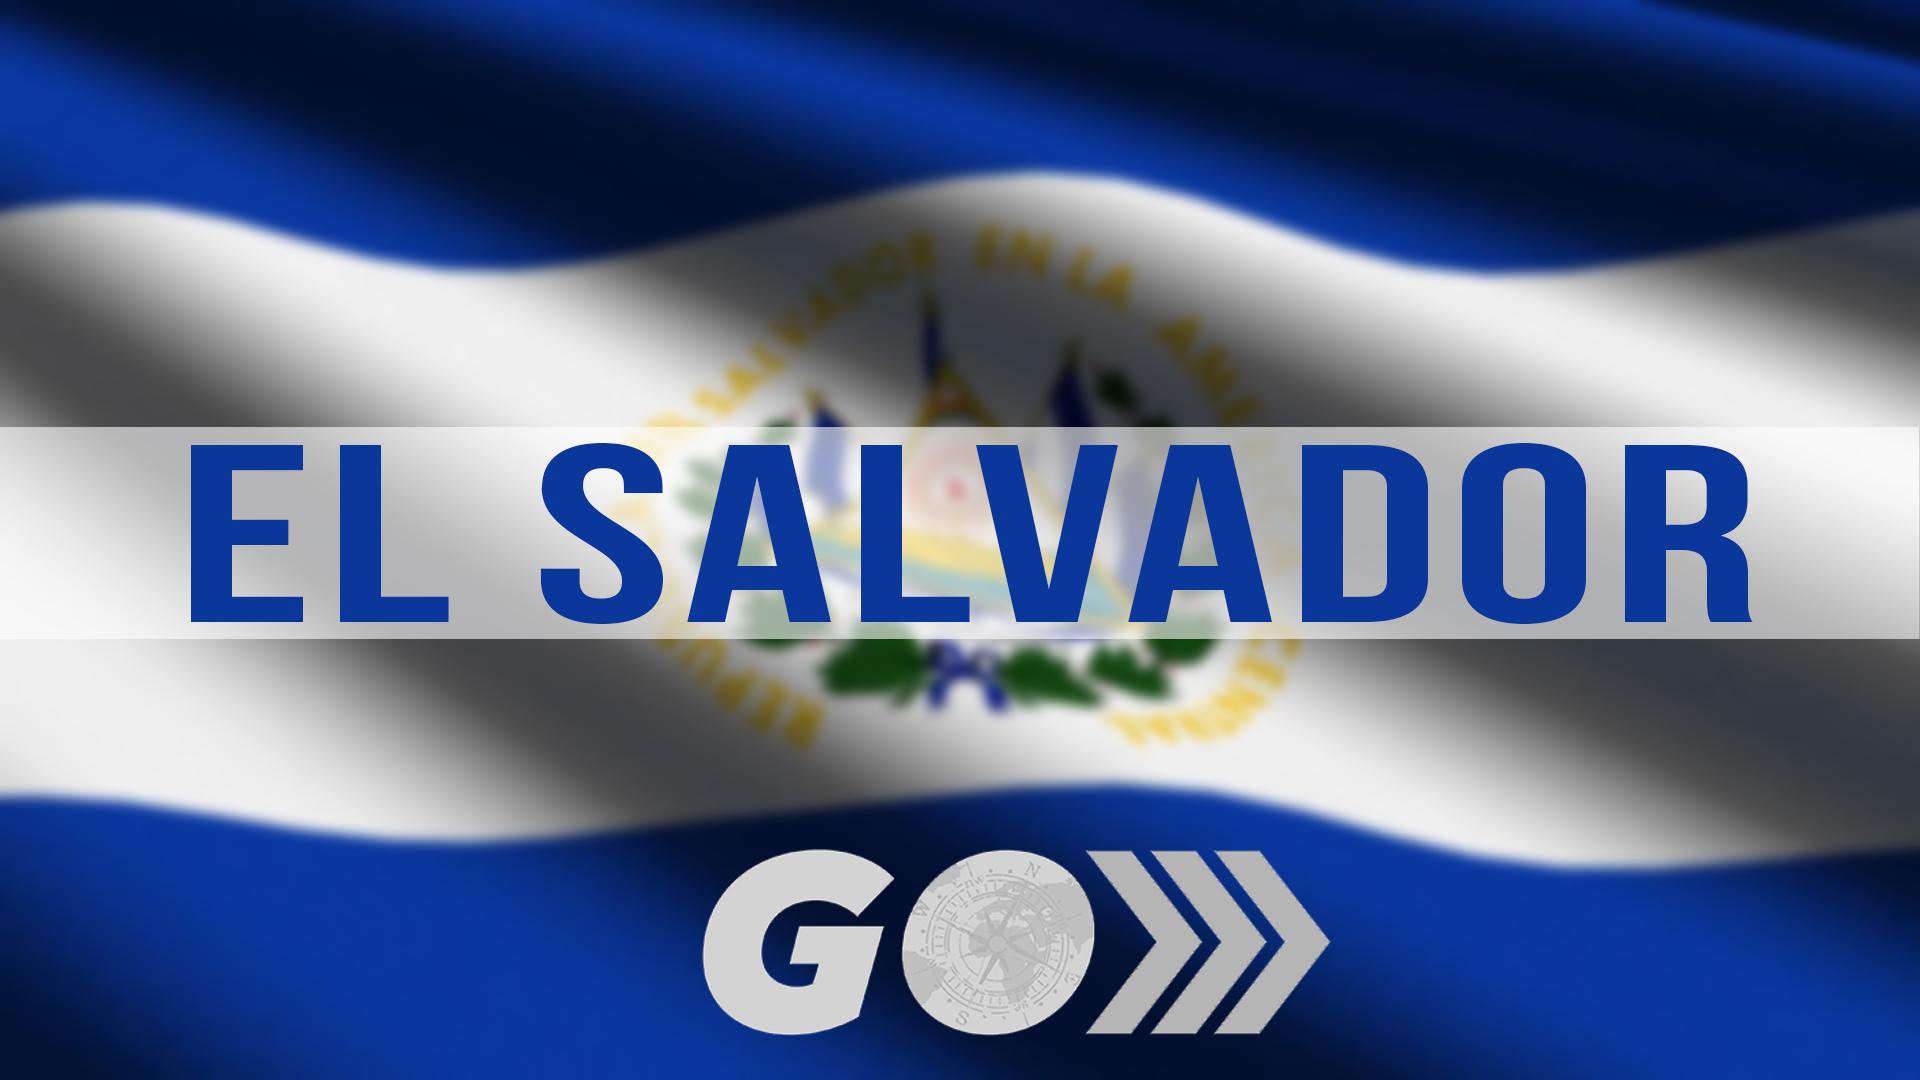 El Salvador Trip.jpg